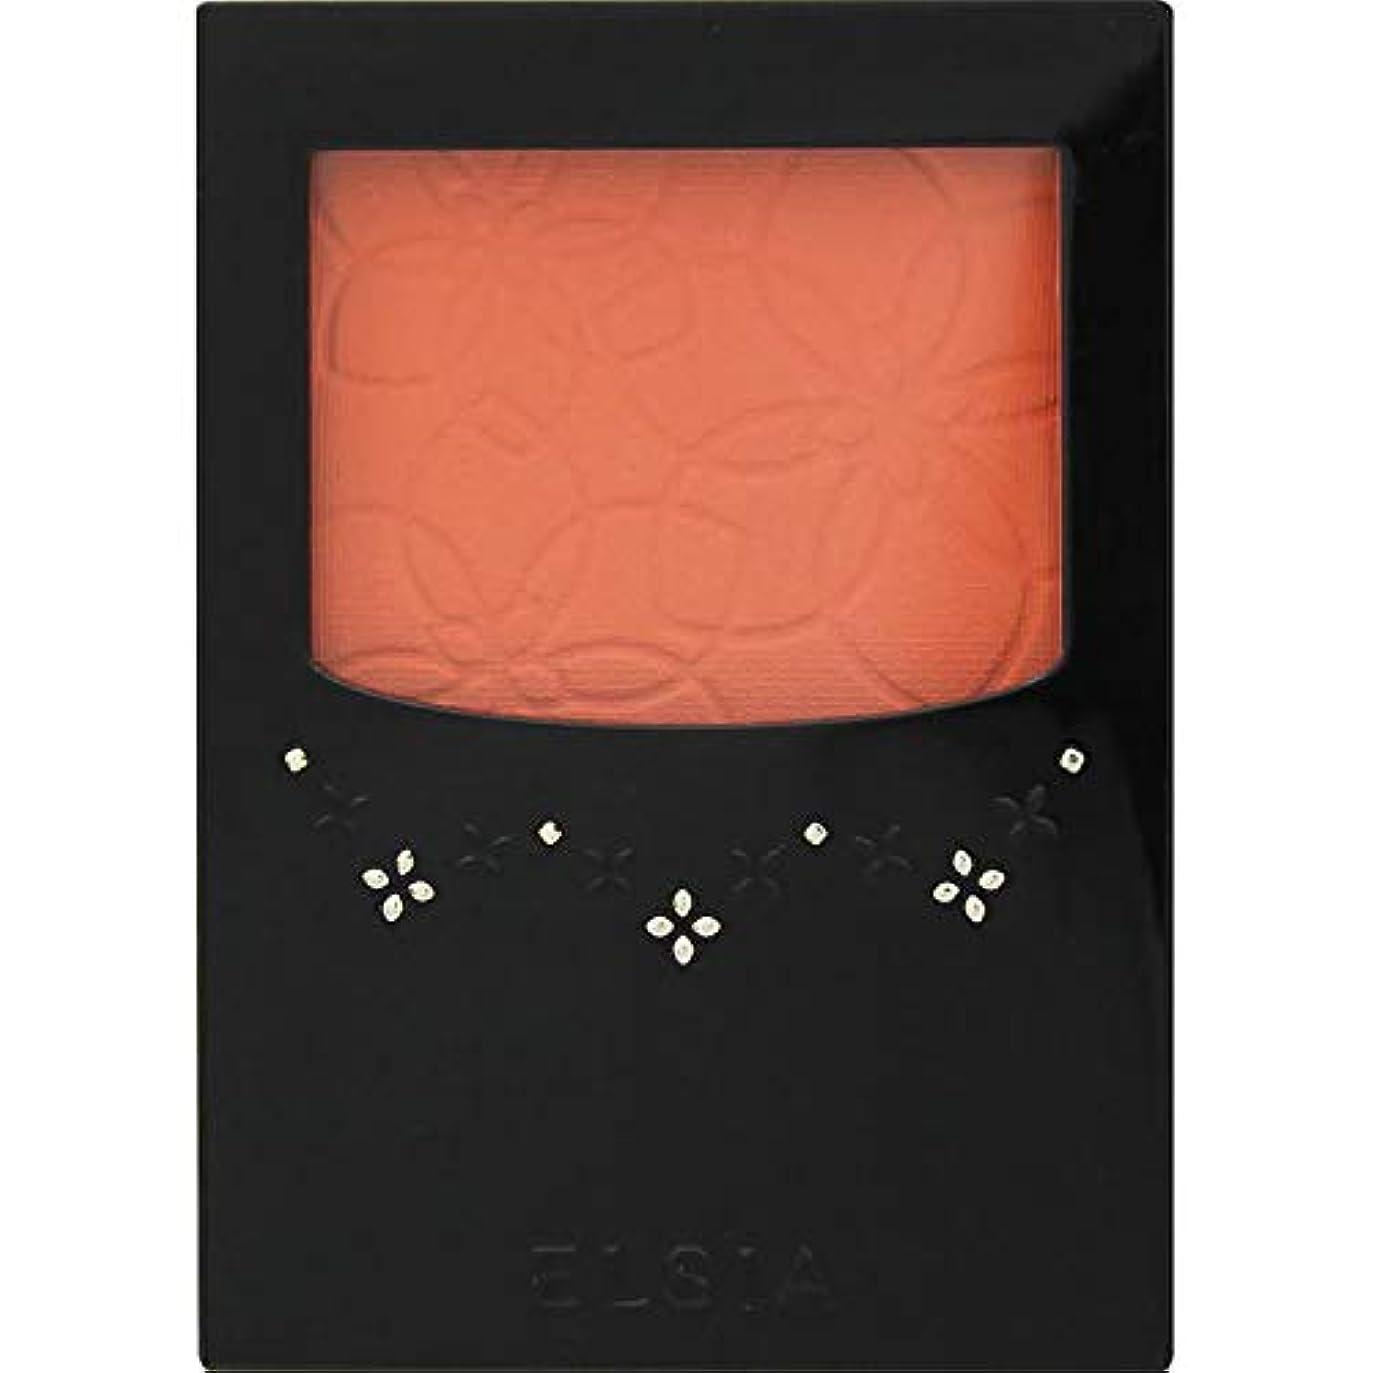 信頼できる高齢者直径エルシア プラチナム 明るさ&血色アップ チークカラー オレンジ系 OR200 3.5g